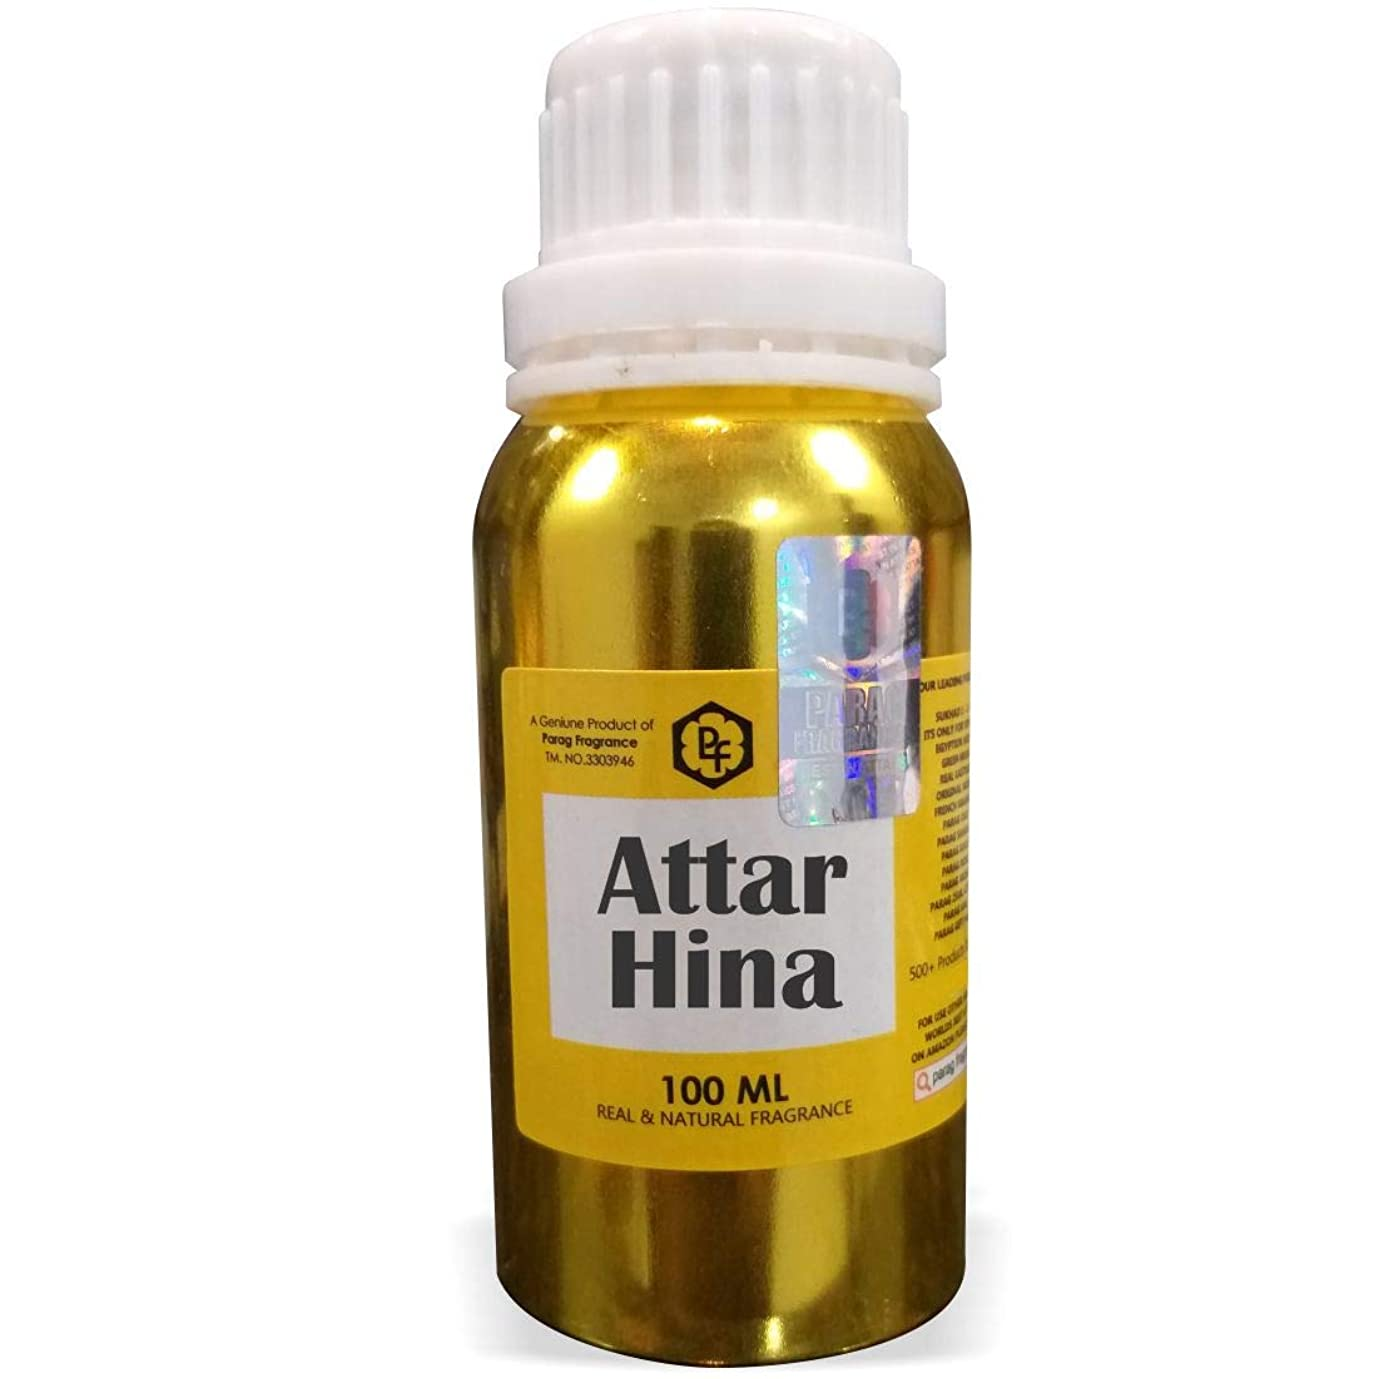 薄汚いマージサークルParagフレグランスひなアター100ミリリットル(男性用アルコールフリーアター)香油| 香り| ITRA